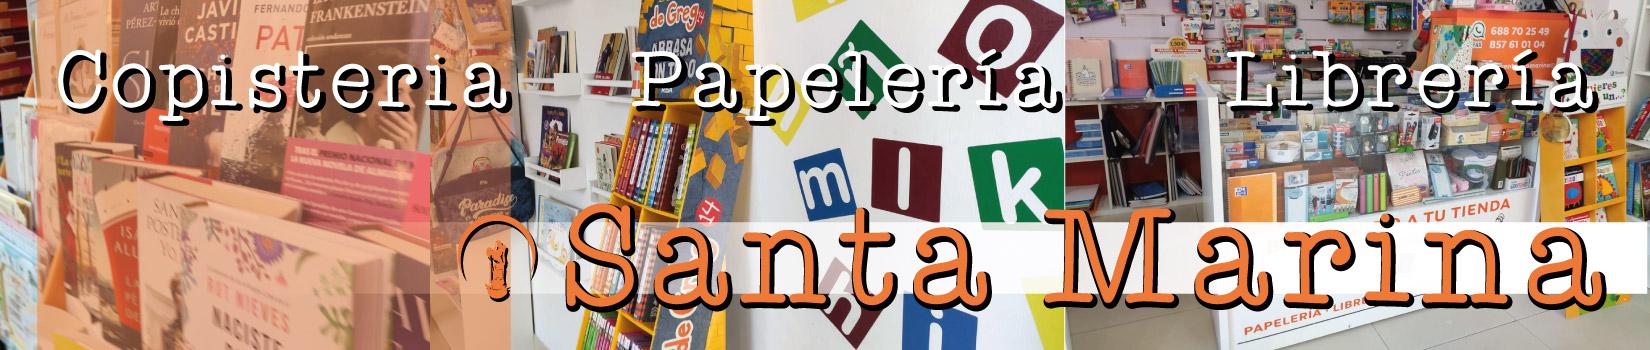 Copistería-Papelería Santa Marina